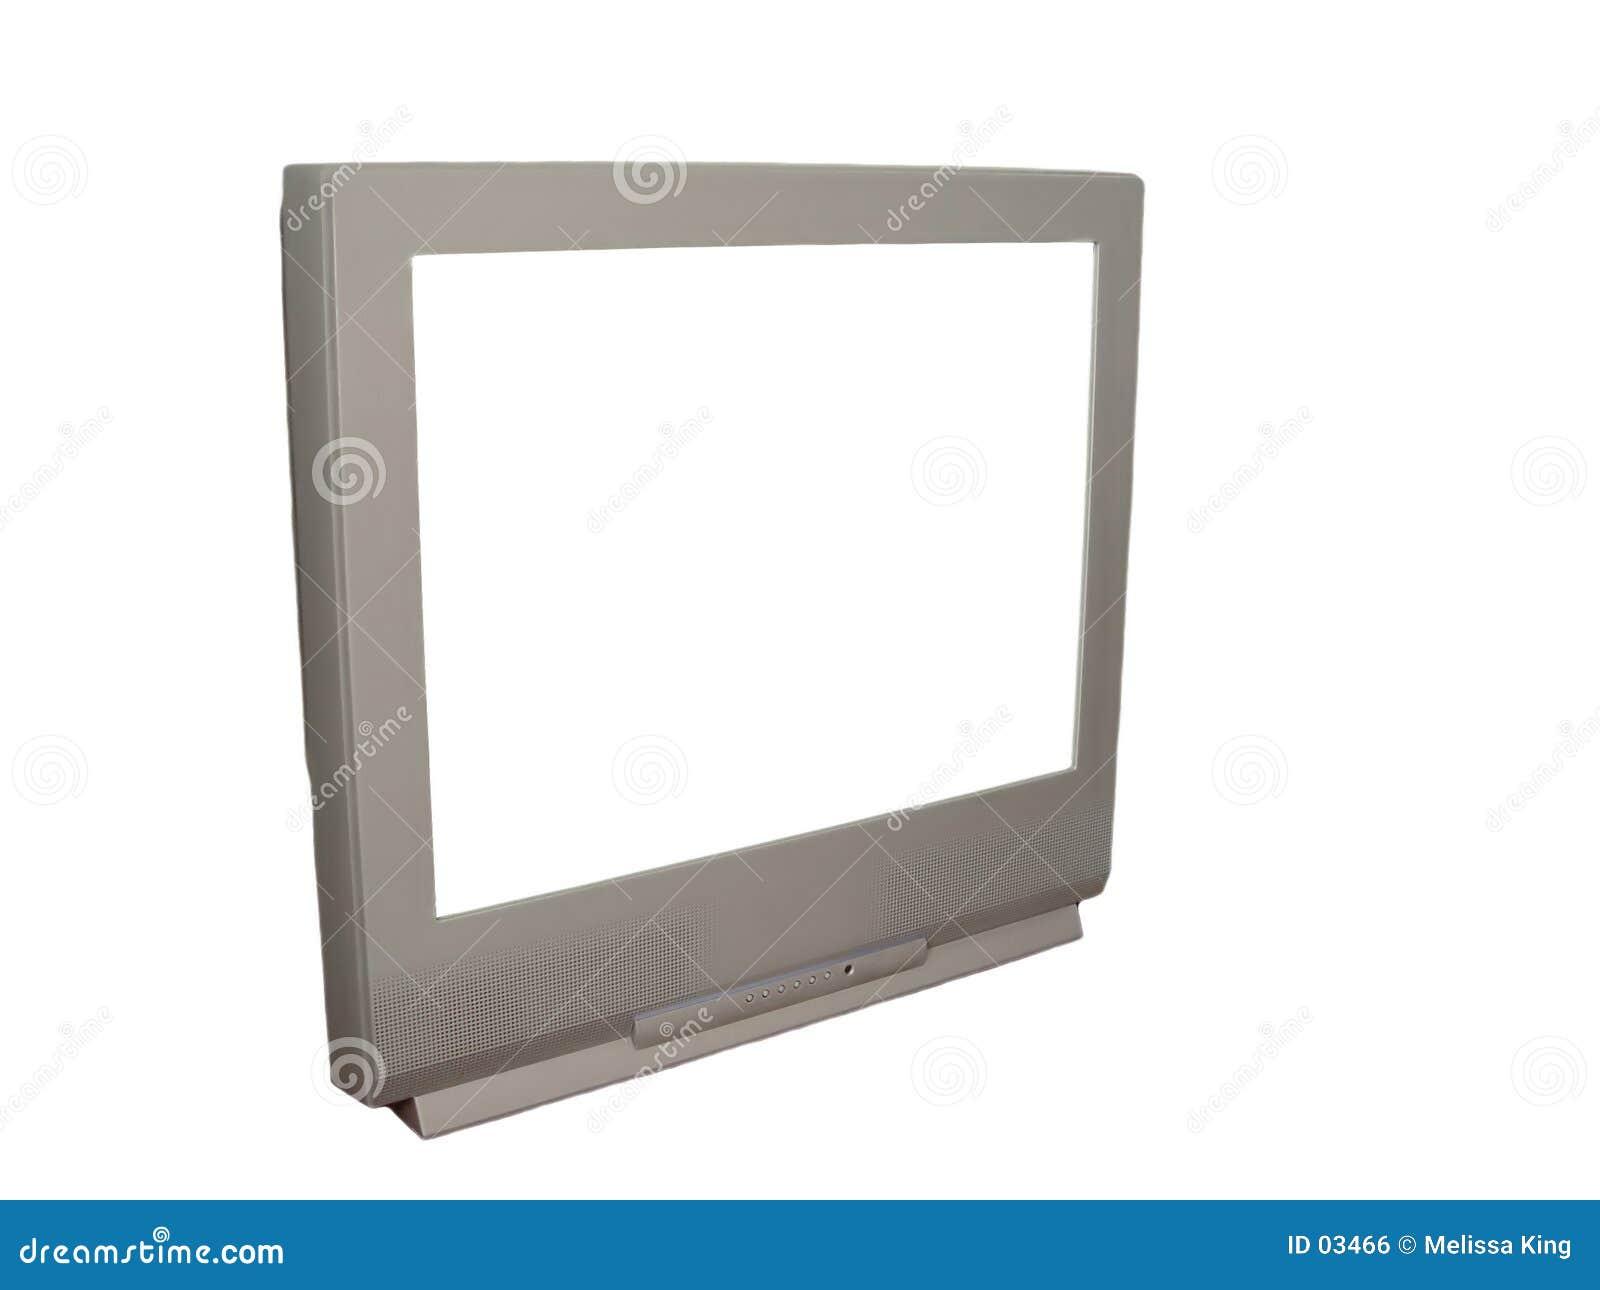 Fernsehapparat mit weißem Bildschirm